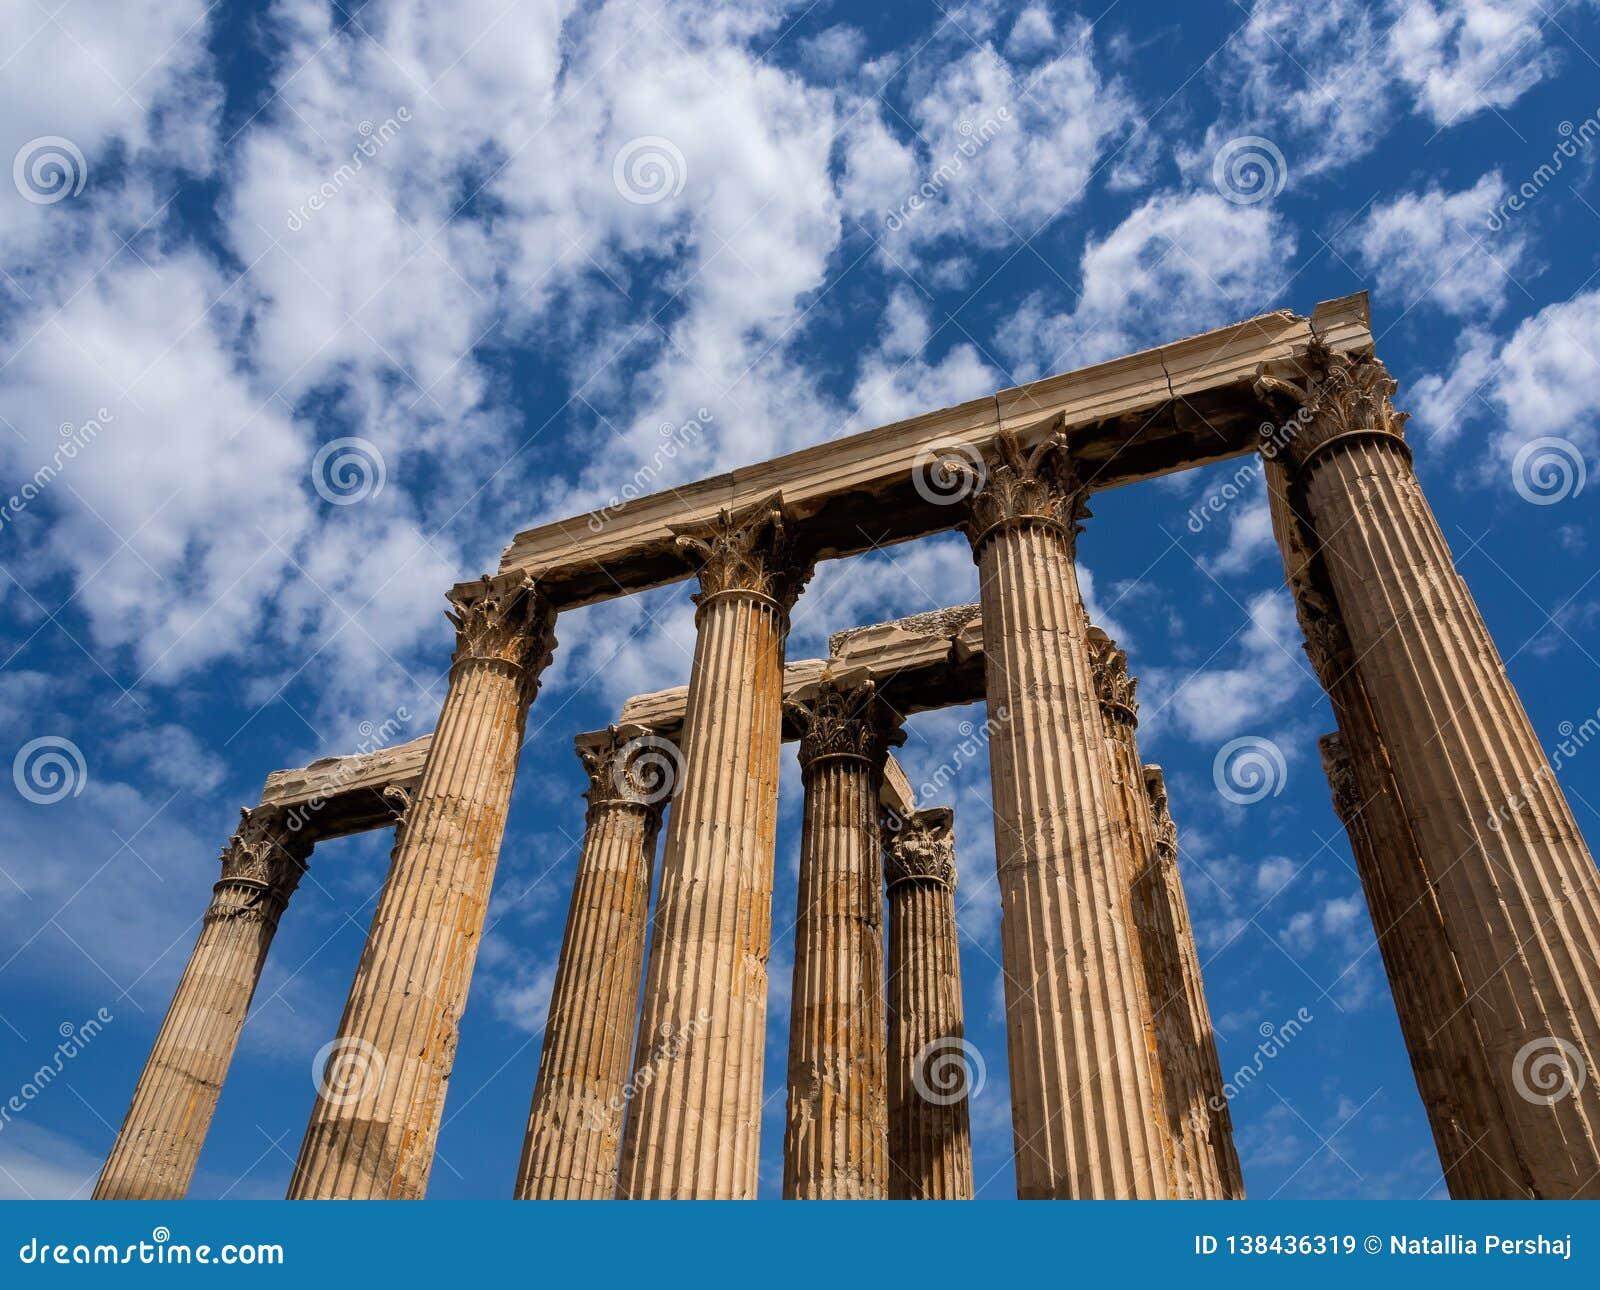 Het blijven kolommen van Tempel van Olympian Zeus in Athene, Griekenland schoot tegen blauwe hemel en schilderachtige wolken